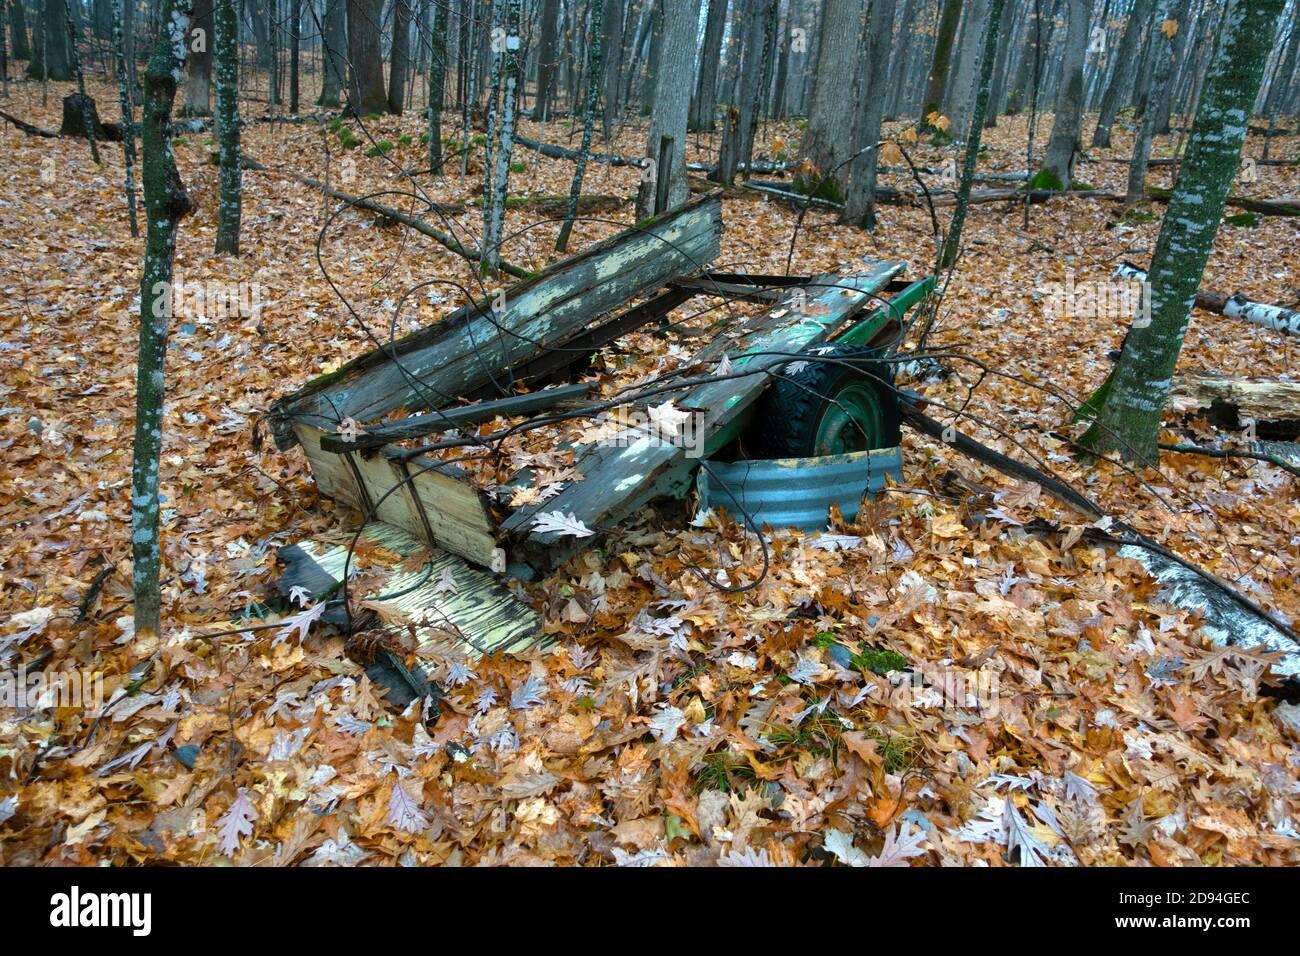 Se derrumbó el remolque sentado en el bosque. Cumberland Wisconsin WI EE.UU Foto de stock